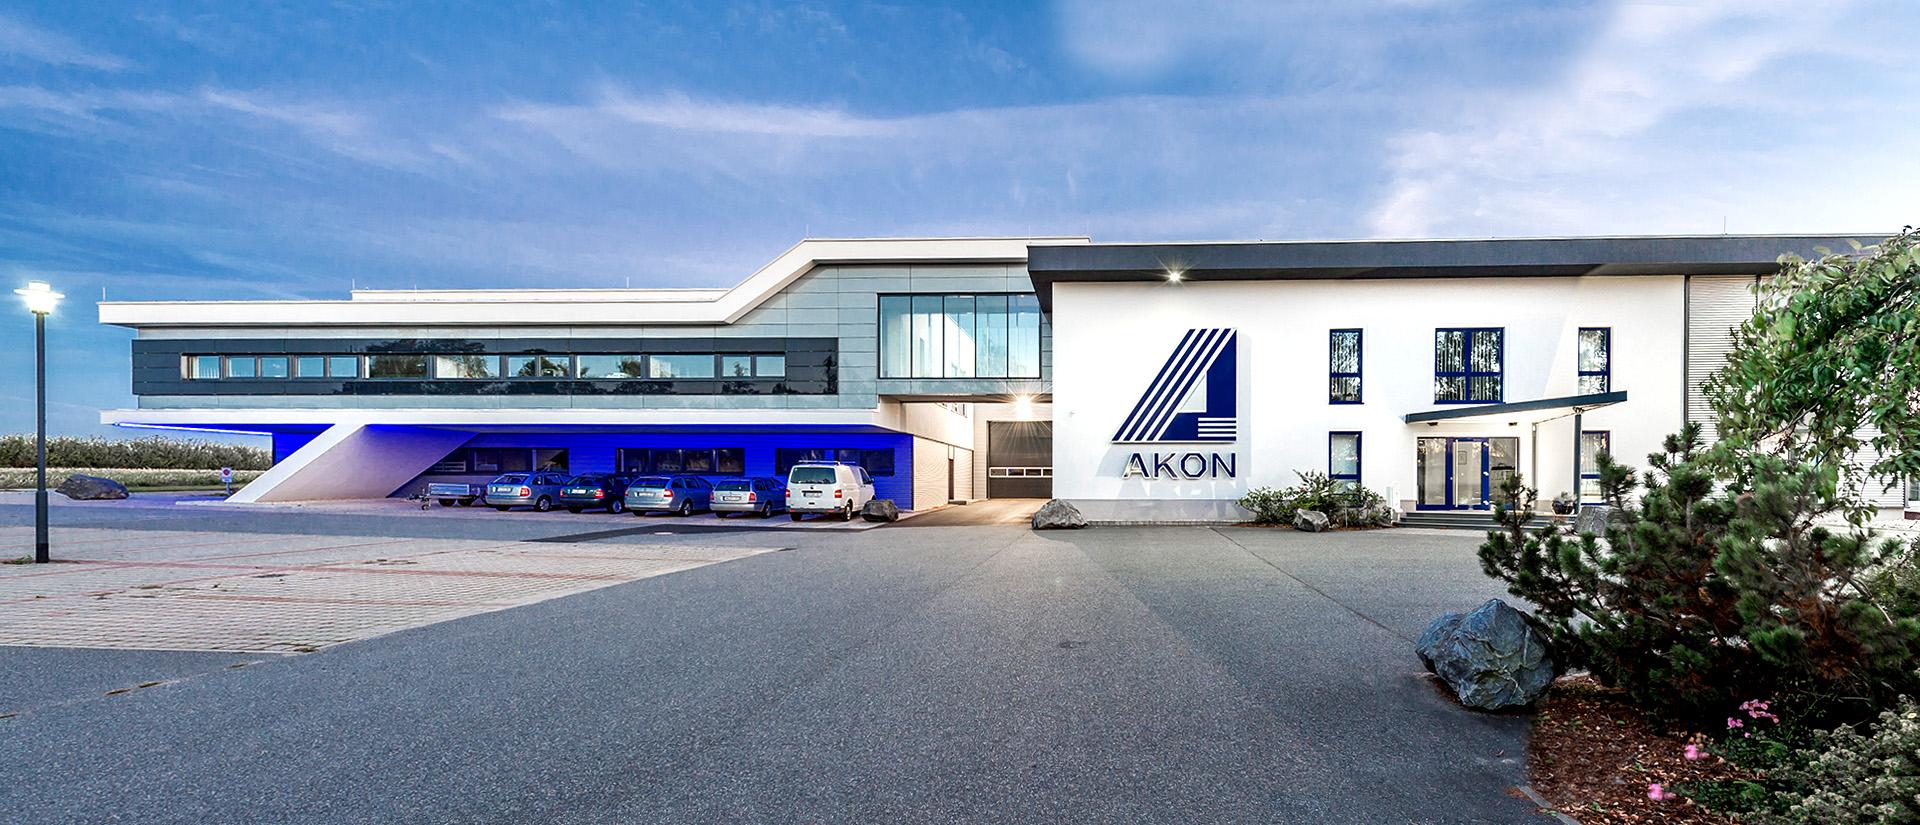 AKON Konstruktionsbüro GmbH & Co. KG - AKON